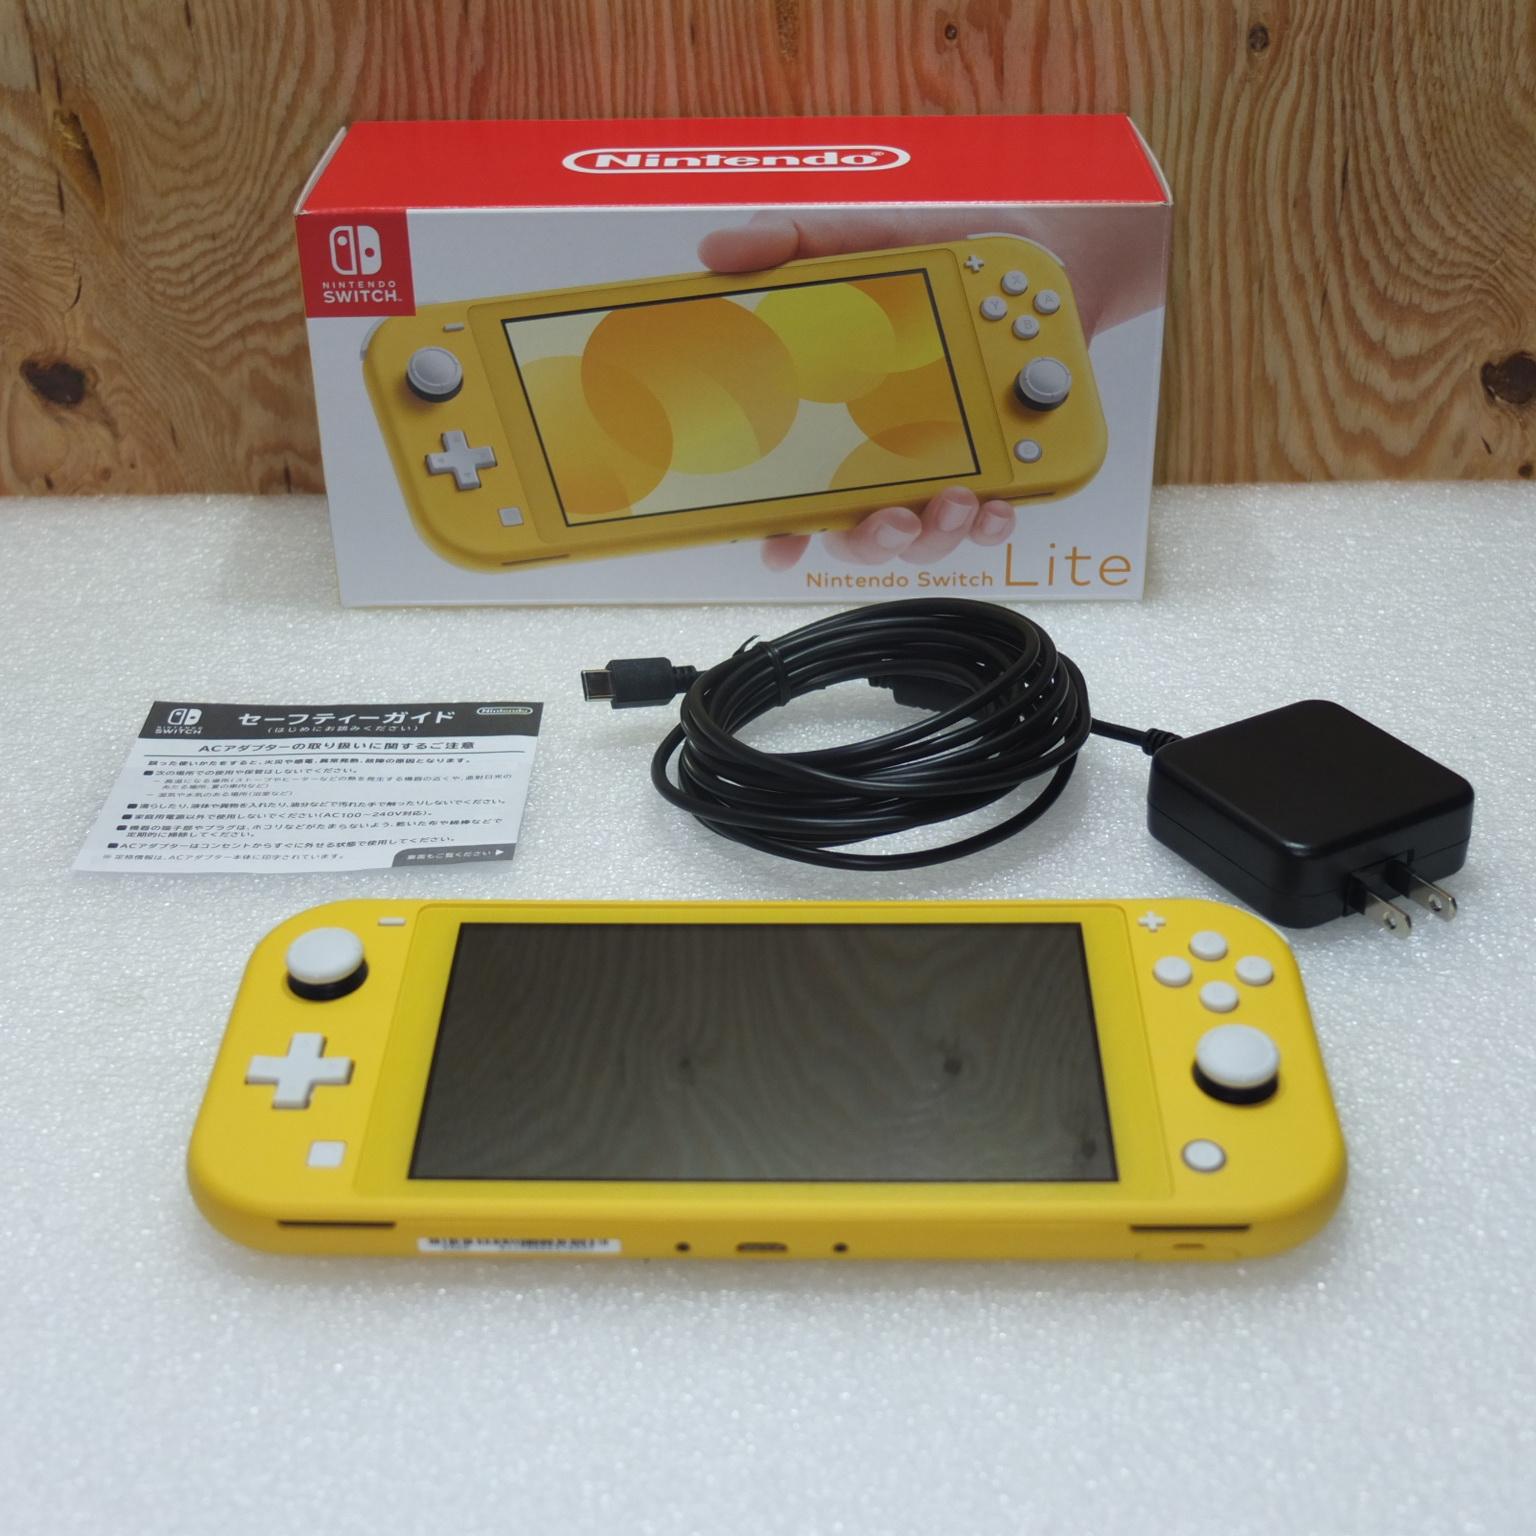 Nintendo Switch Lite ニンテンドー スイッチ ライト